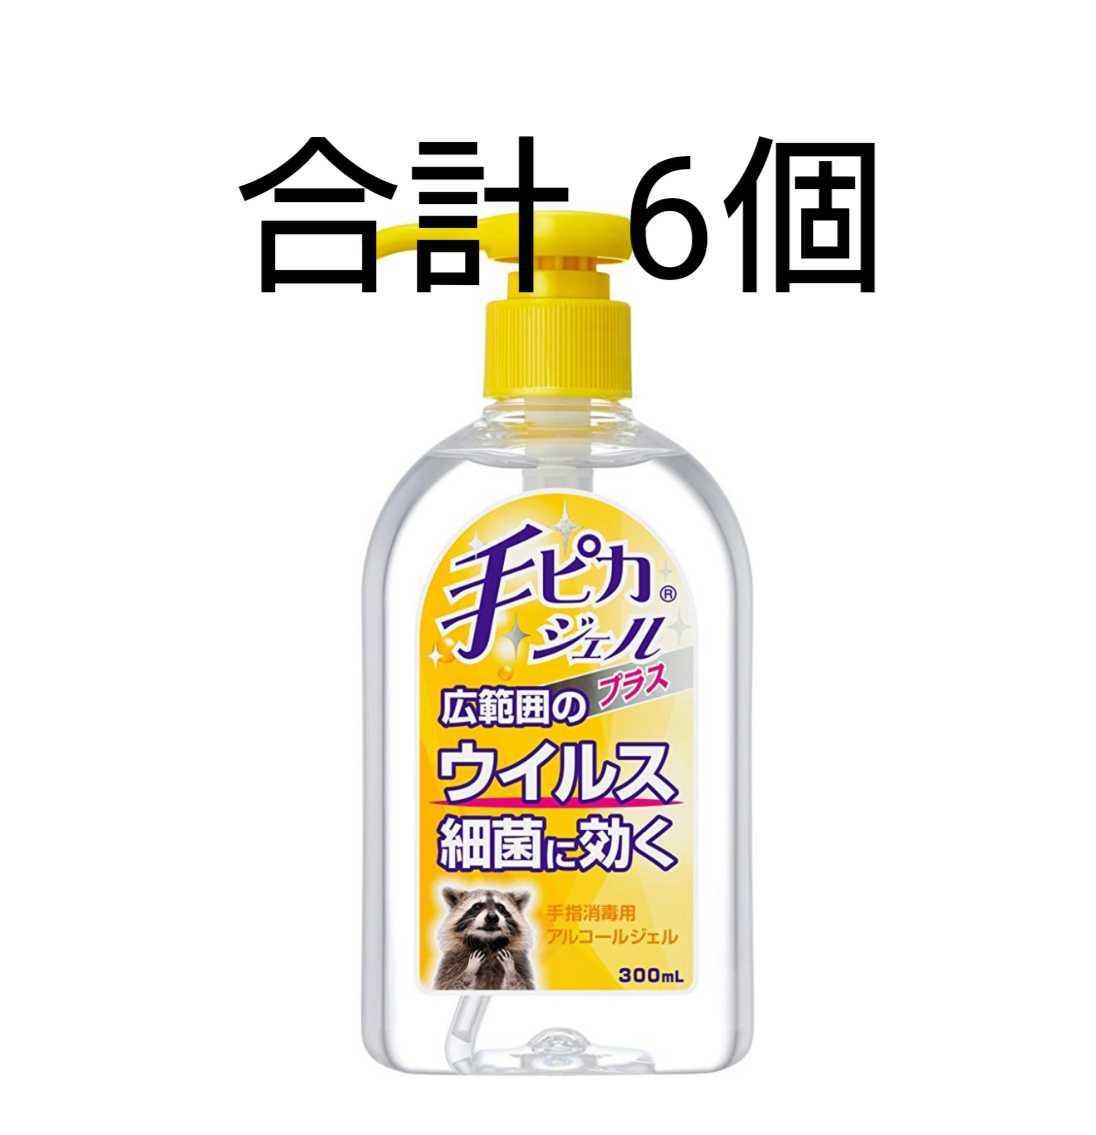 「6本セット」手ピカジェルプラス細菌 ウイルスをすばやく消毒 300ml ポンプ付ボトル 未開封品